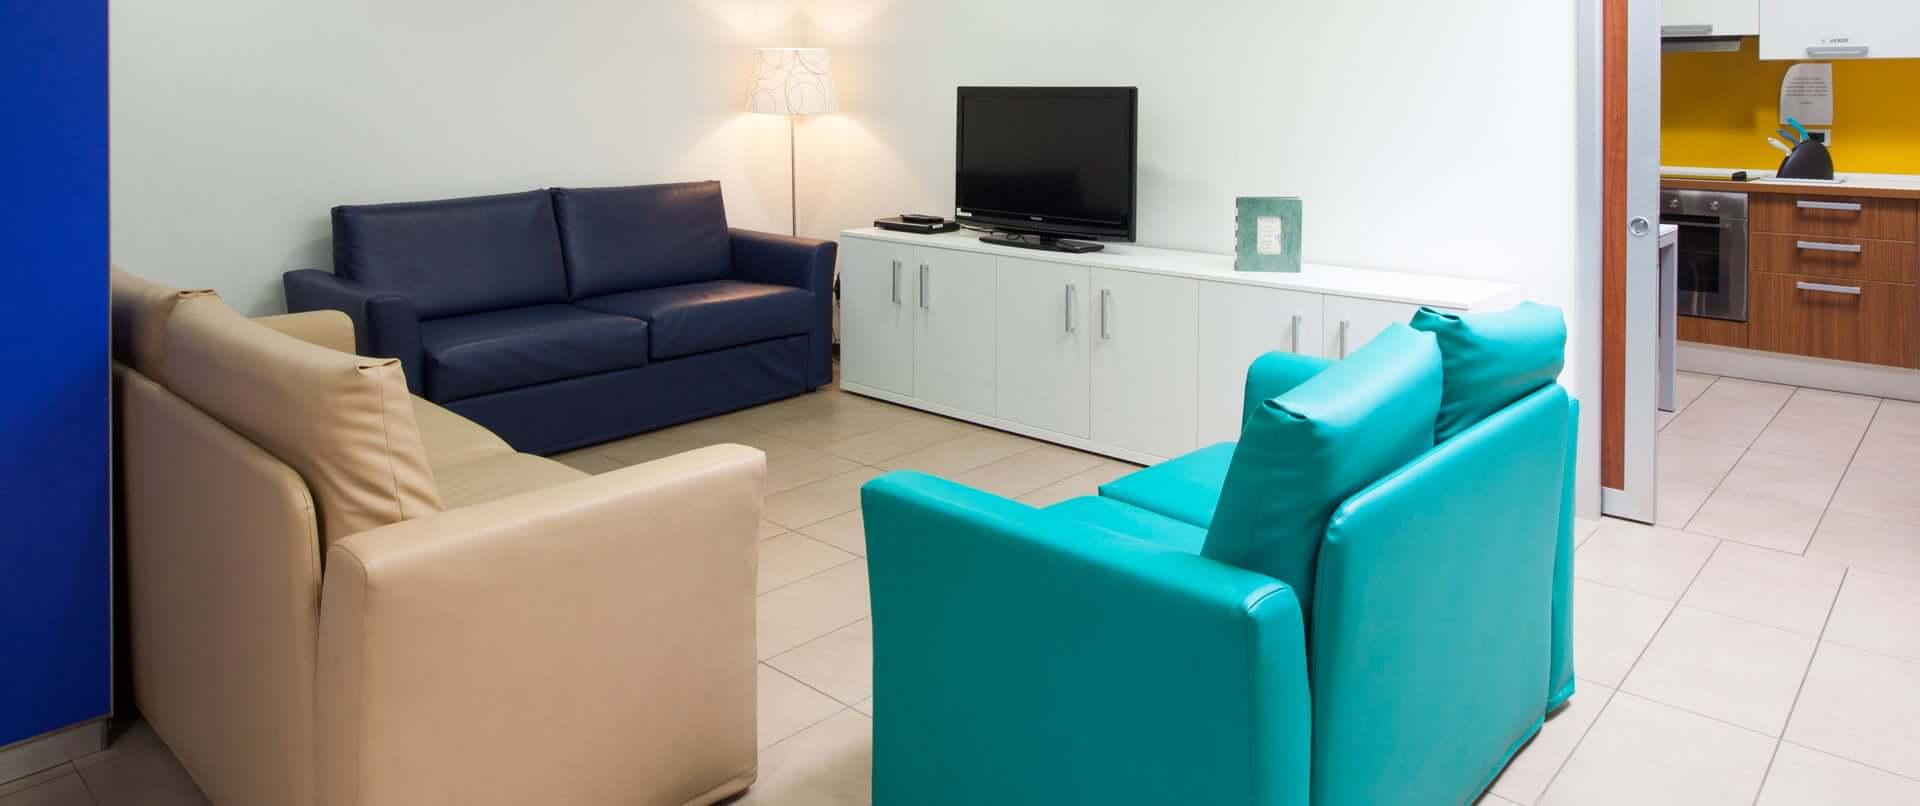 Salotto con divani e tv